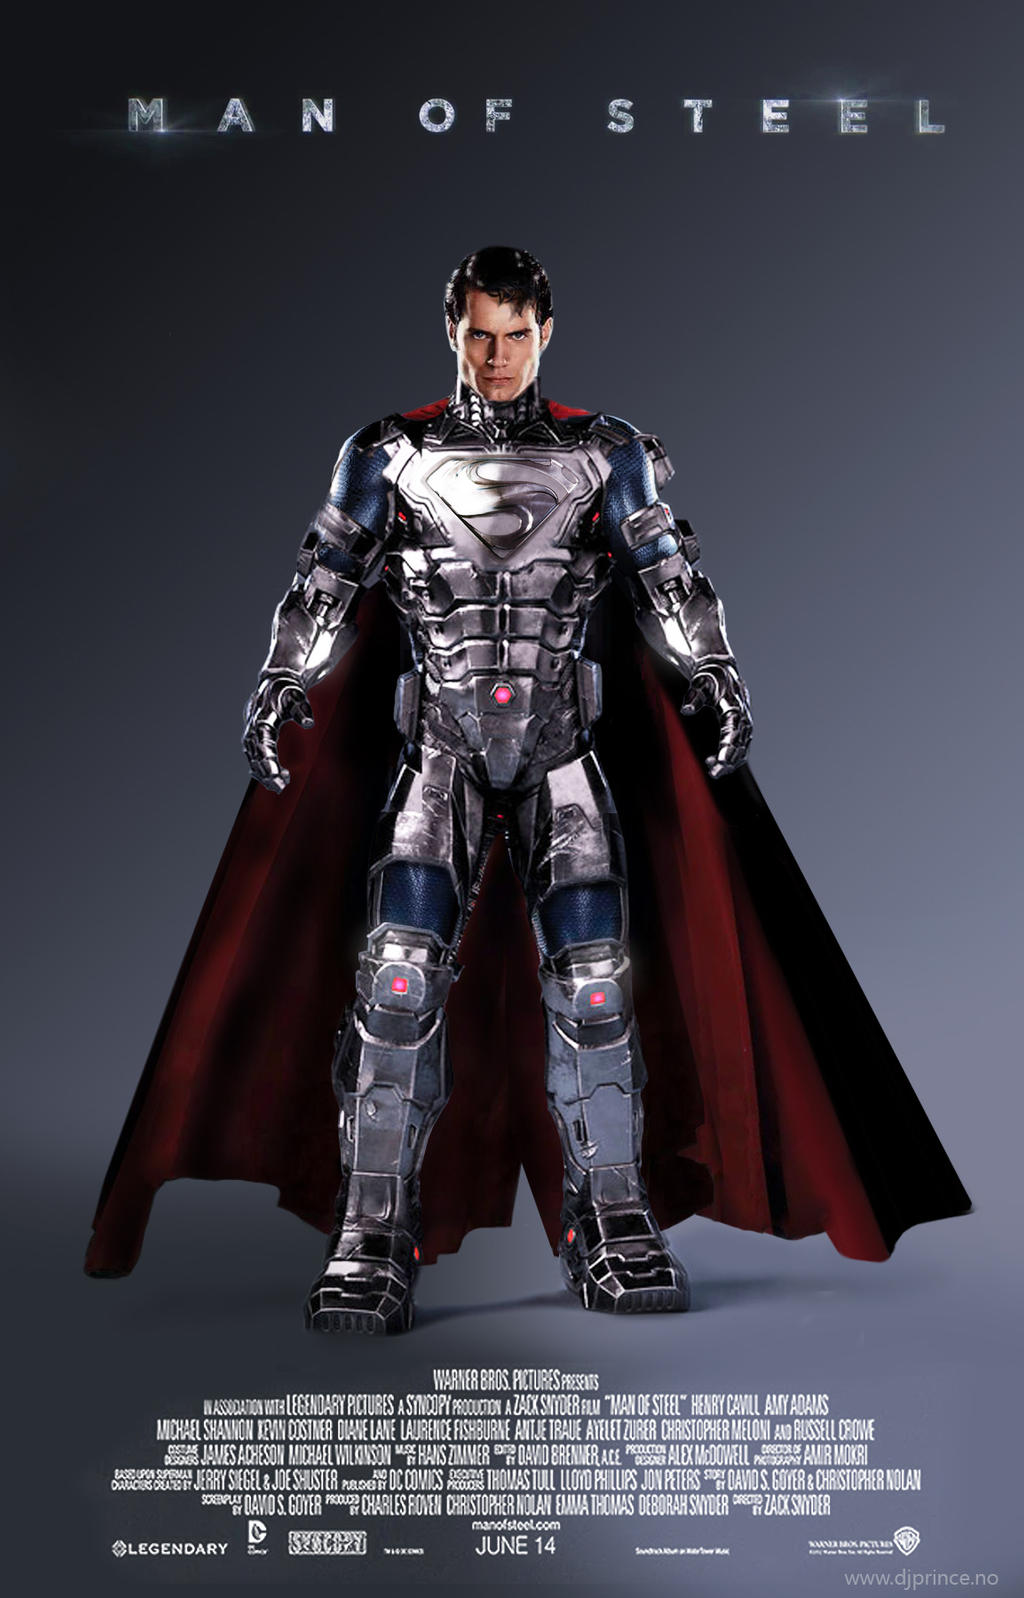 Man Of Steel 2 Batman Costume Man Of Steel battle suit